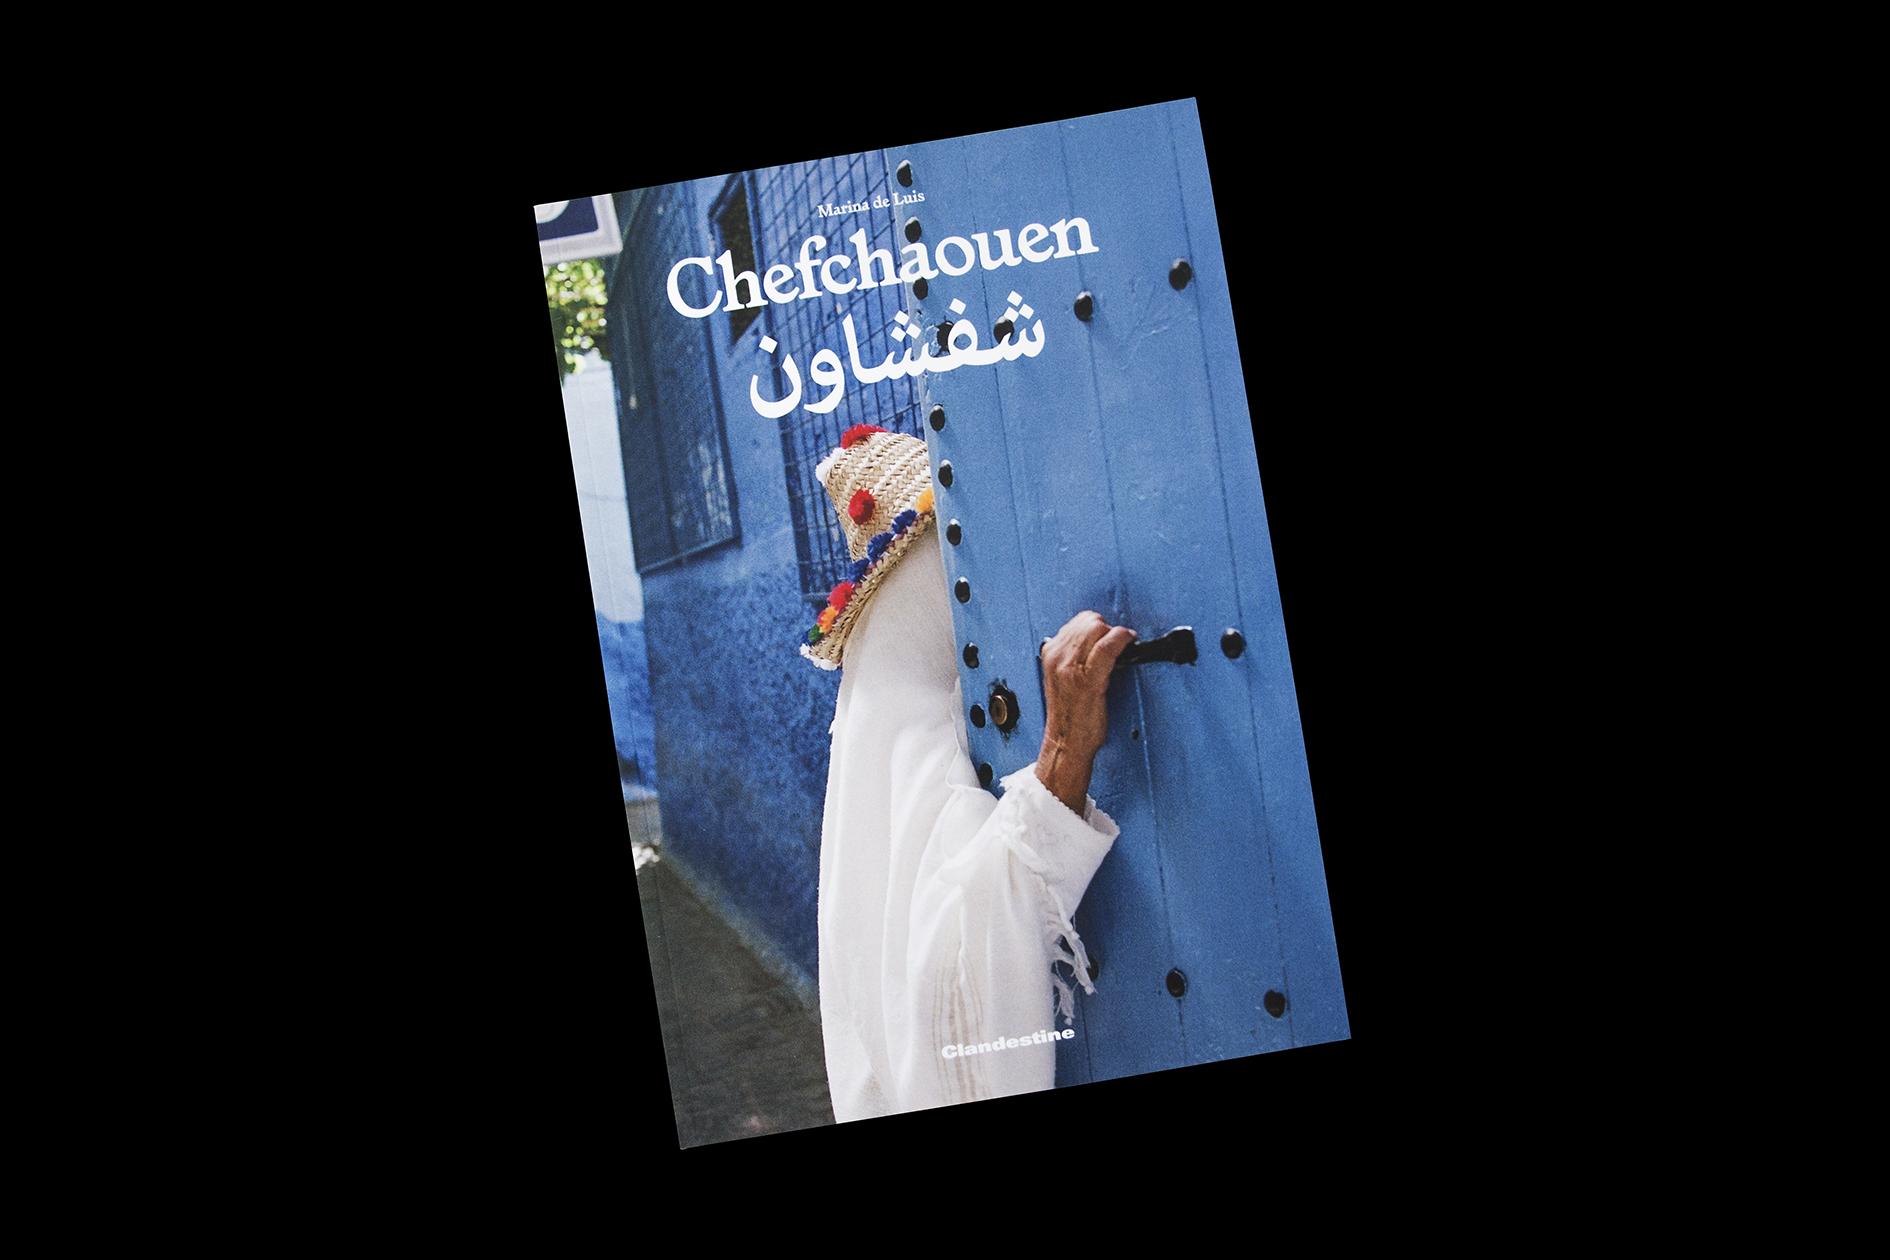 chef_0000s_0000_chef_0000_1.jpg